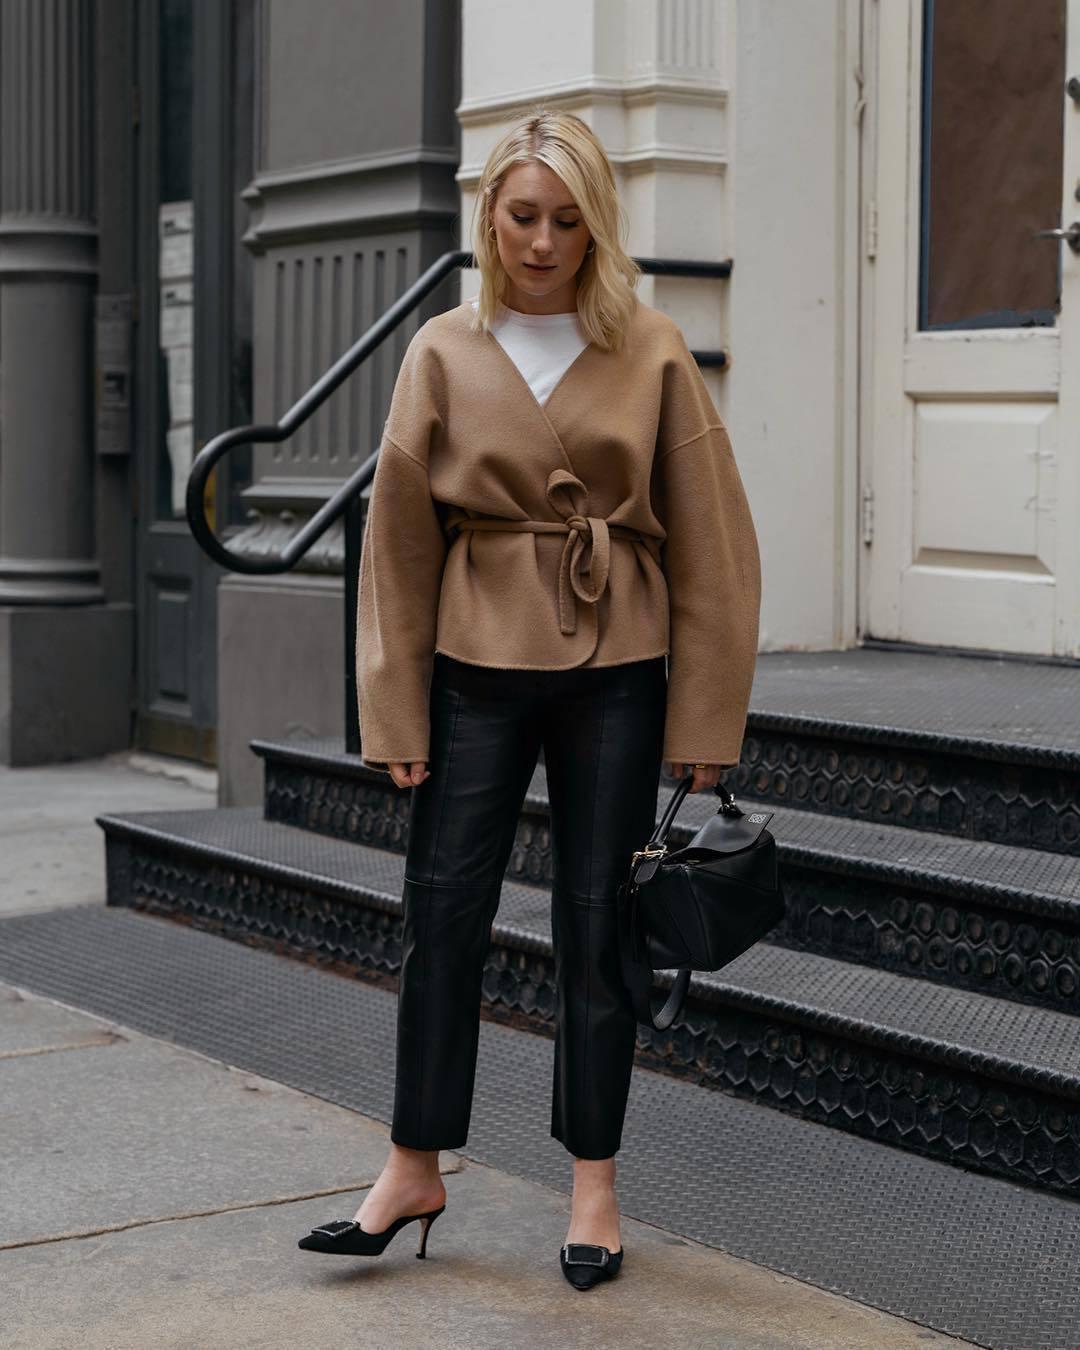 jacket mules black leather pants straight pants black bag white t-shirt